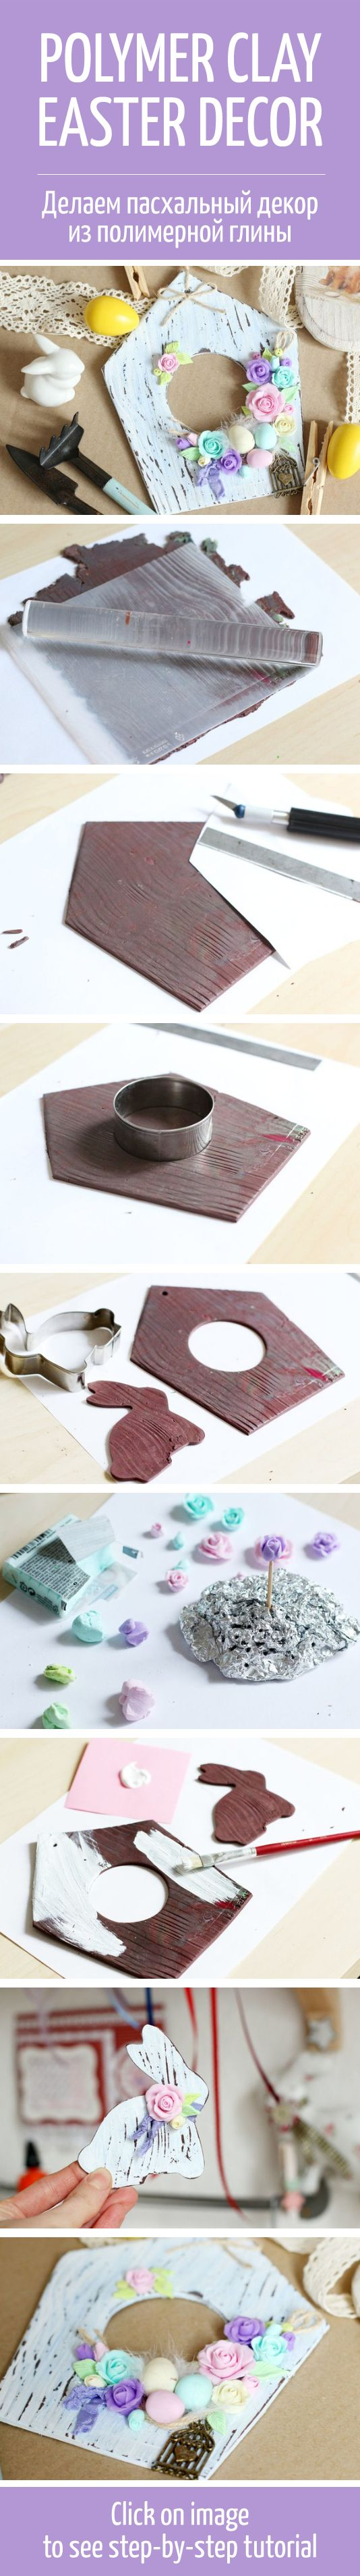 Polymer clay Easter decor tutorial / Пасхальный домик из полимерной глины, мастер-класс